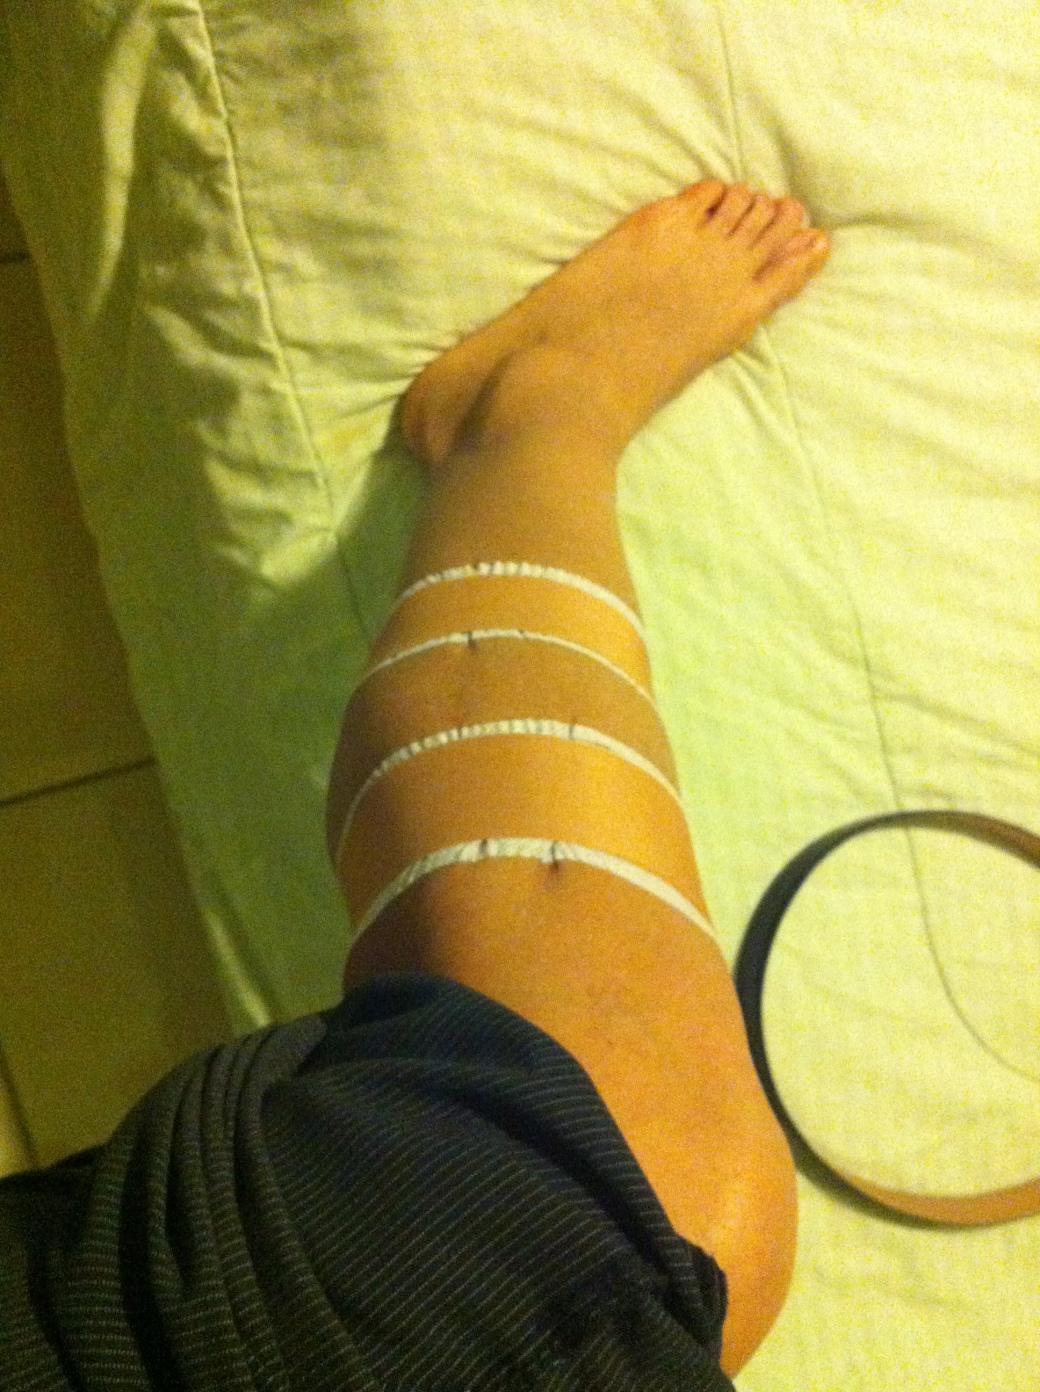 Algunas sesiones de fisioterapia fueron necesaria para ayudar al cuerpo.